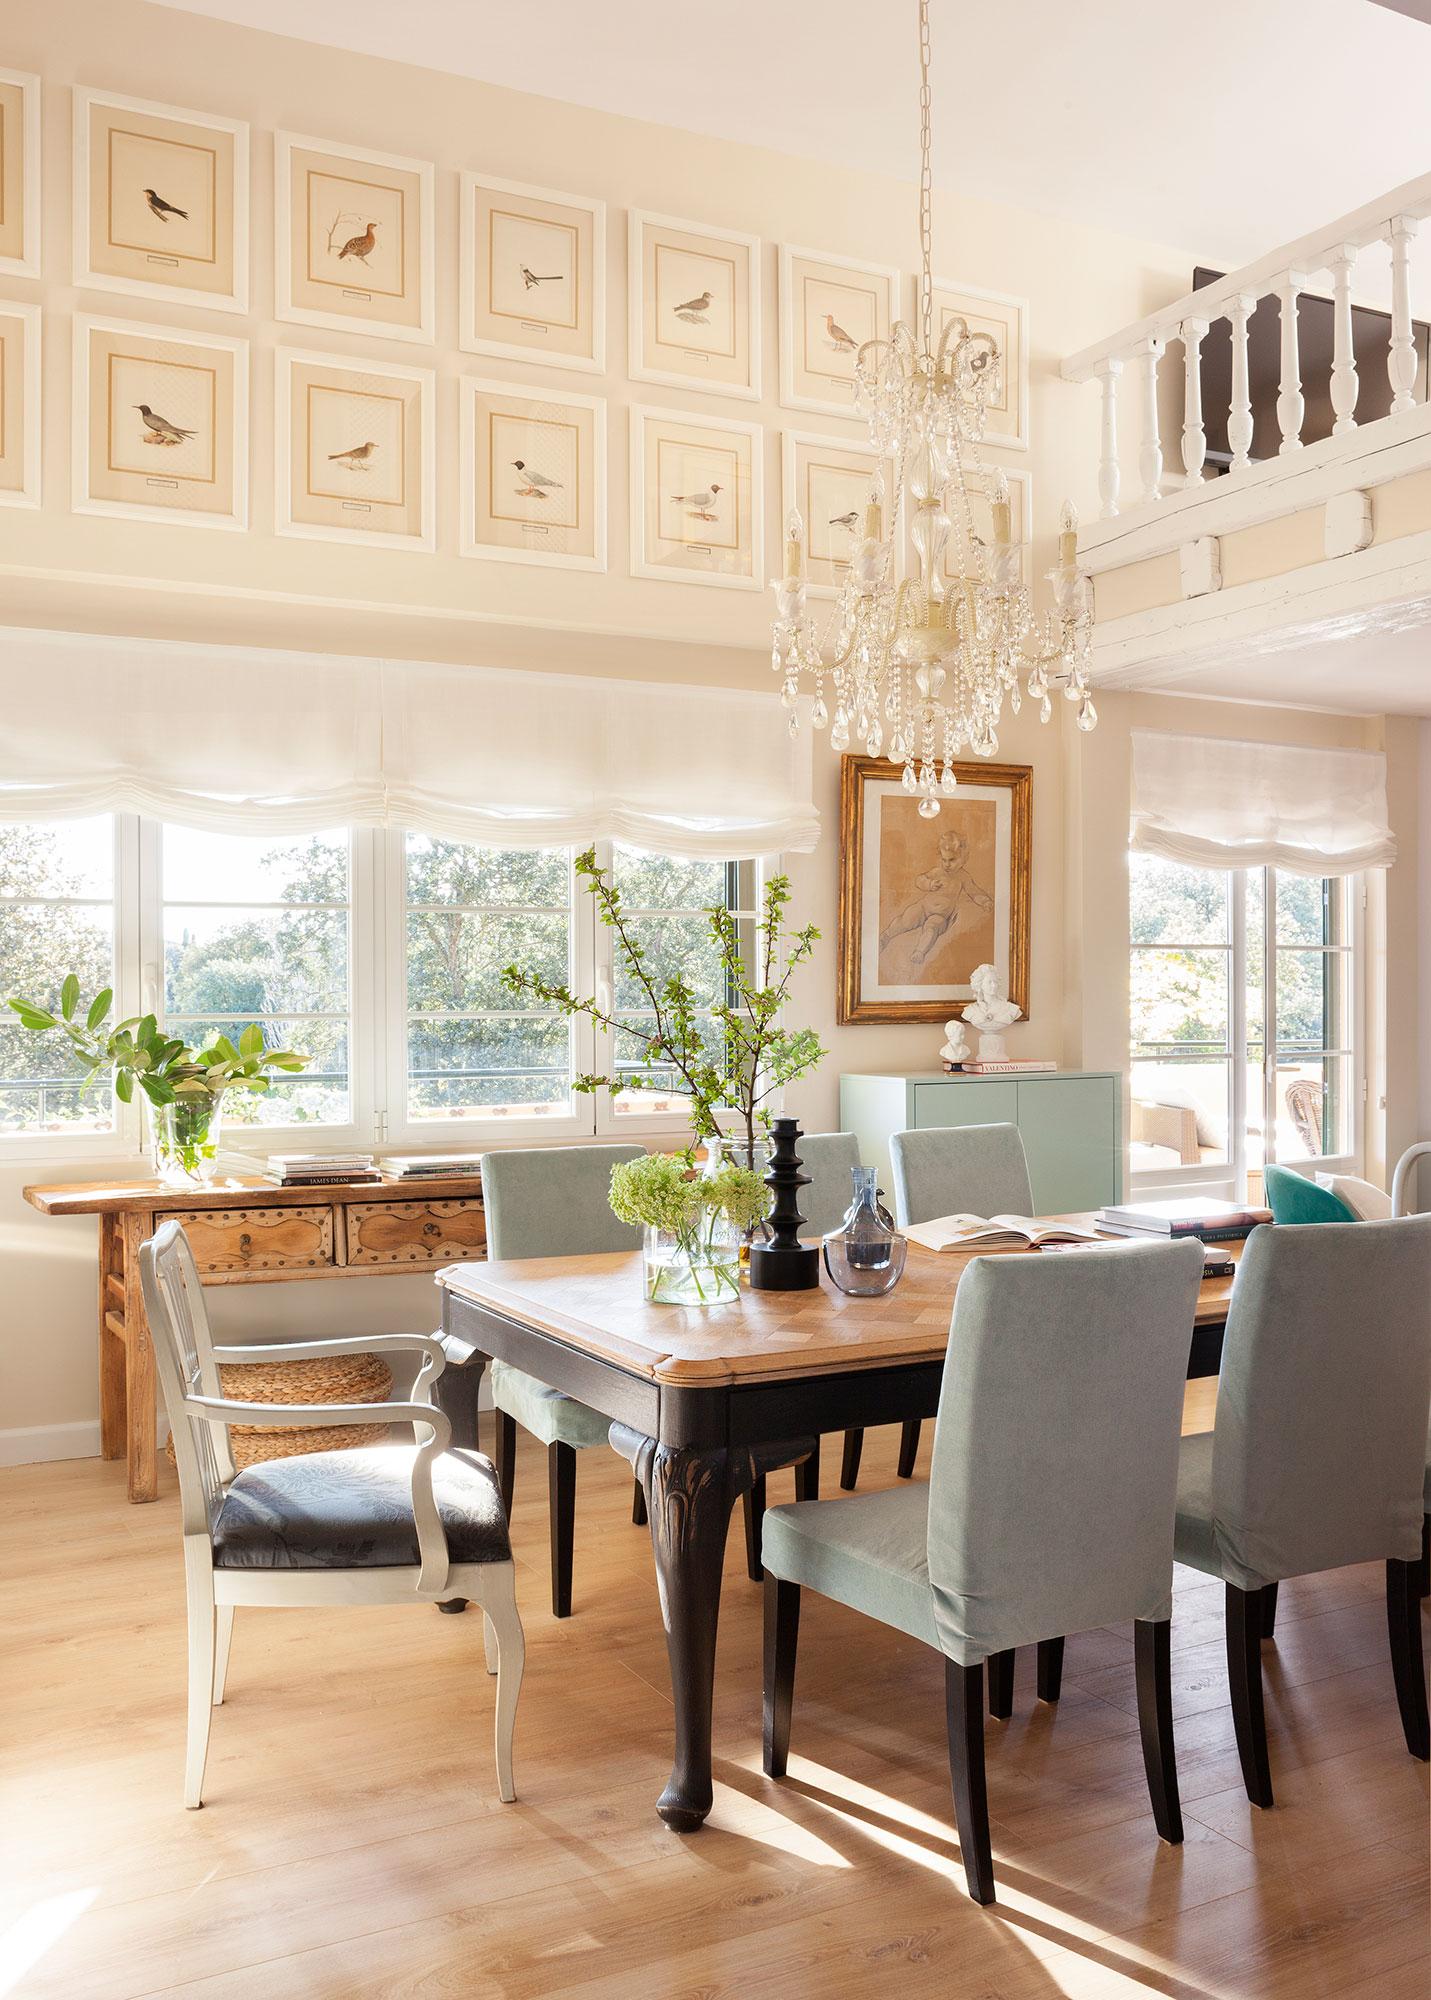 comedor con grandes ventanales y suelo de madera